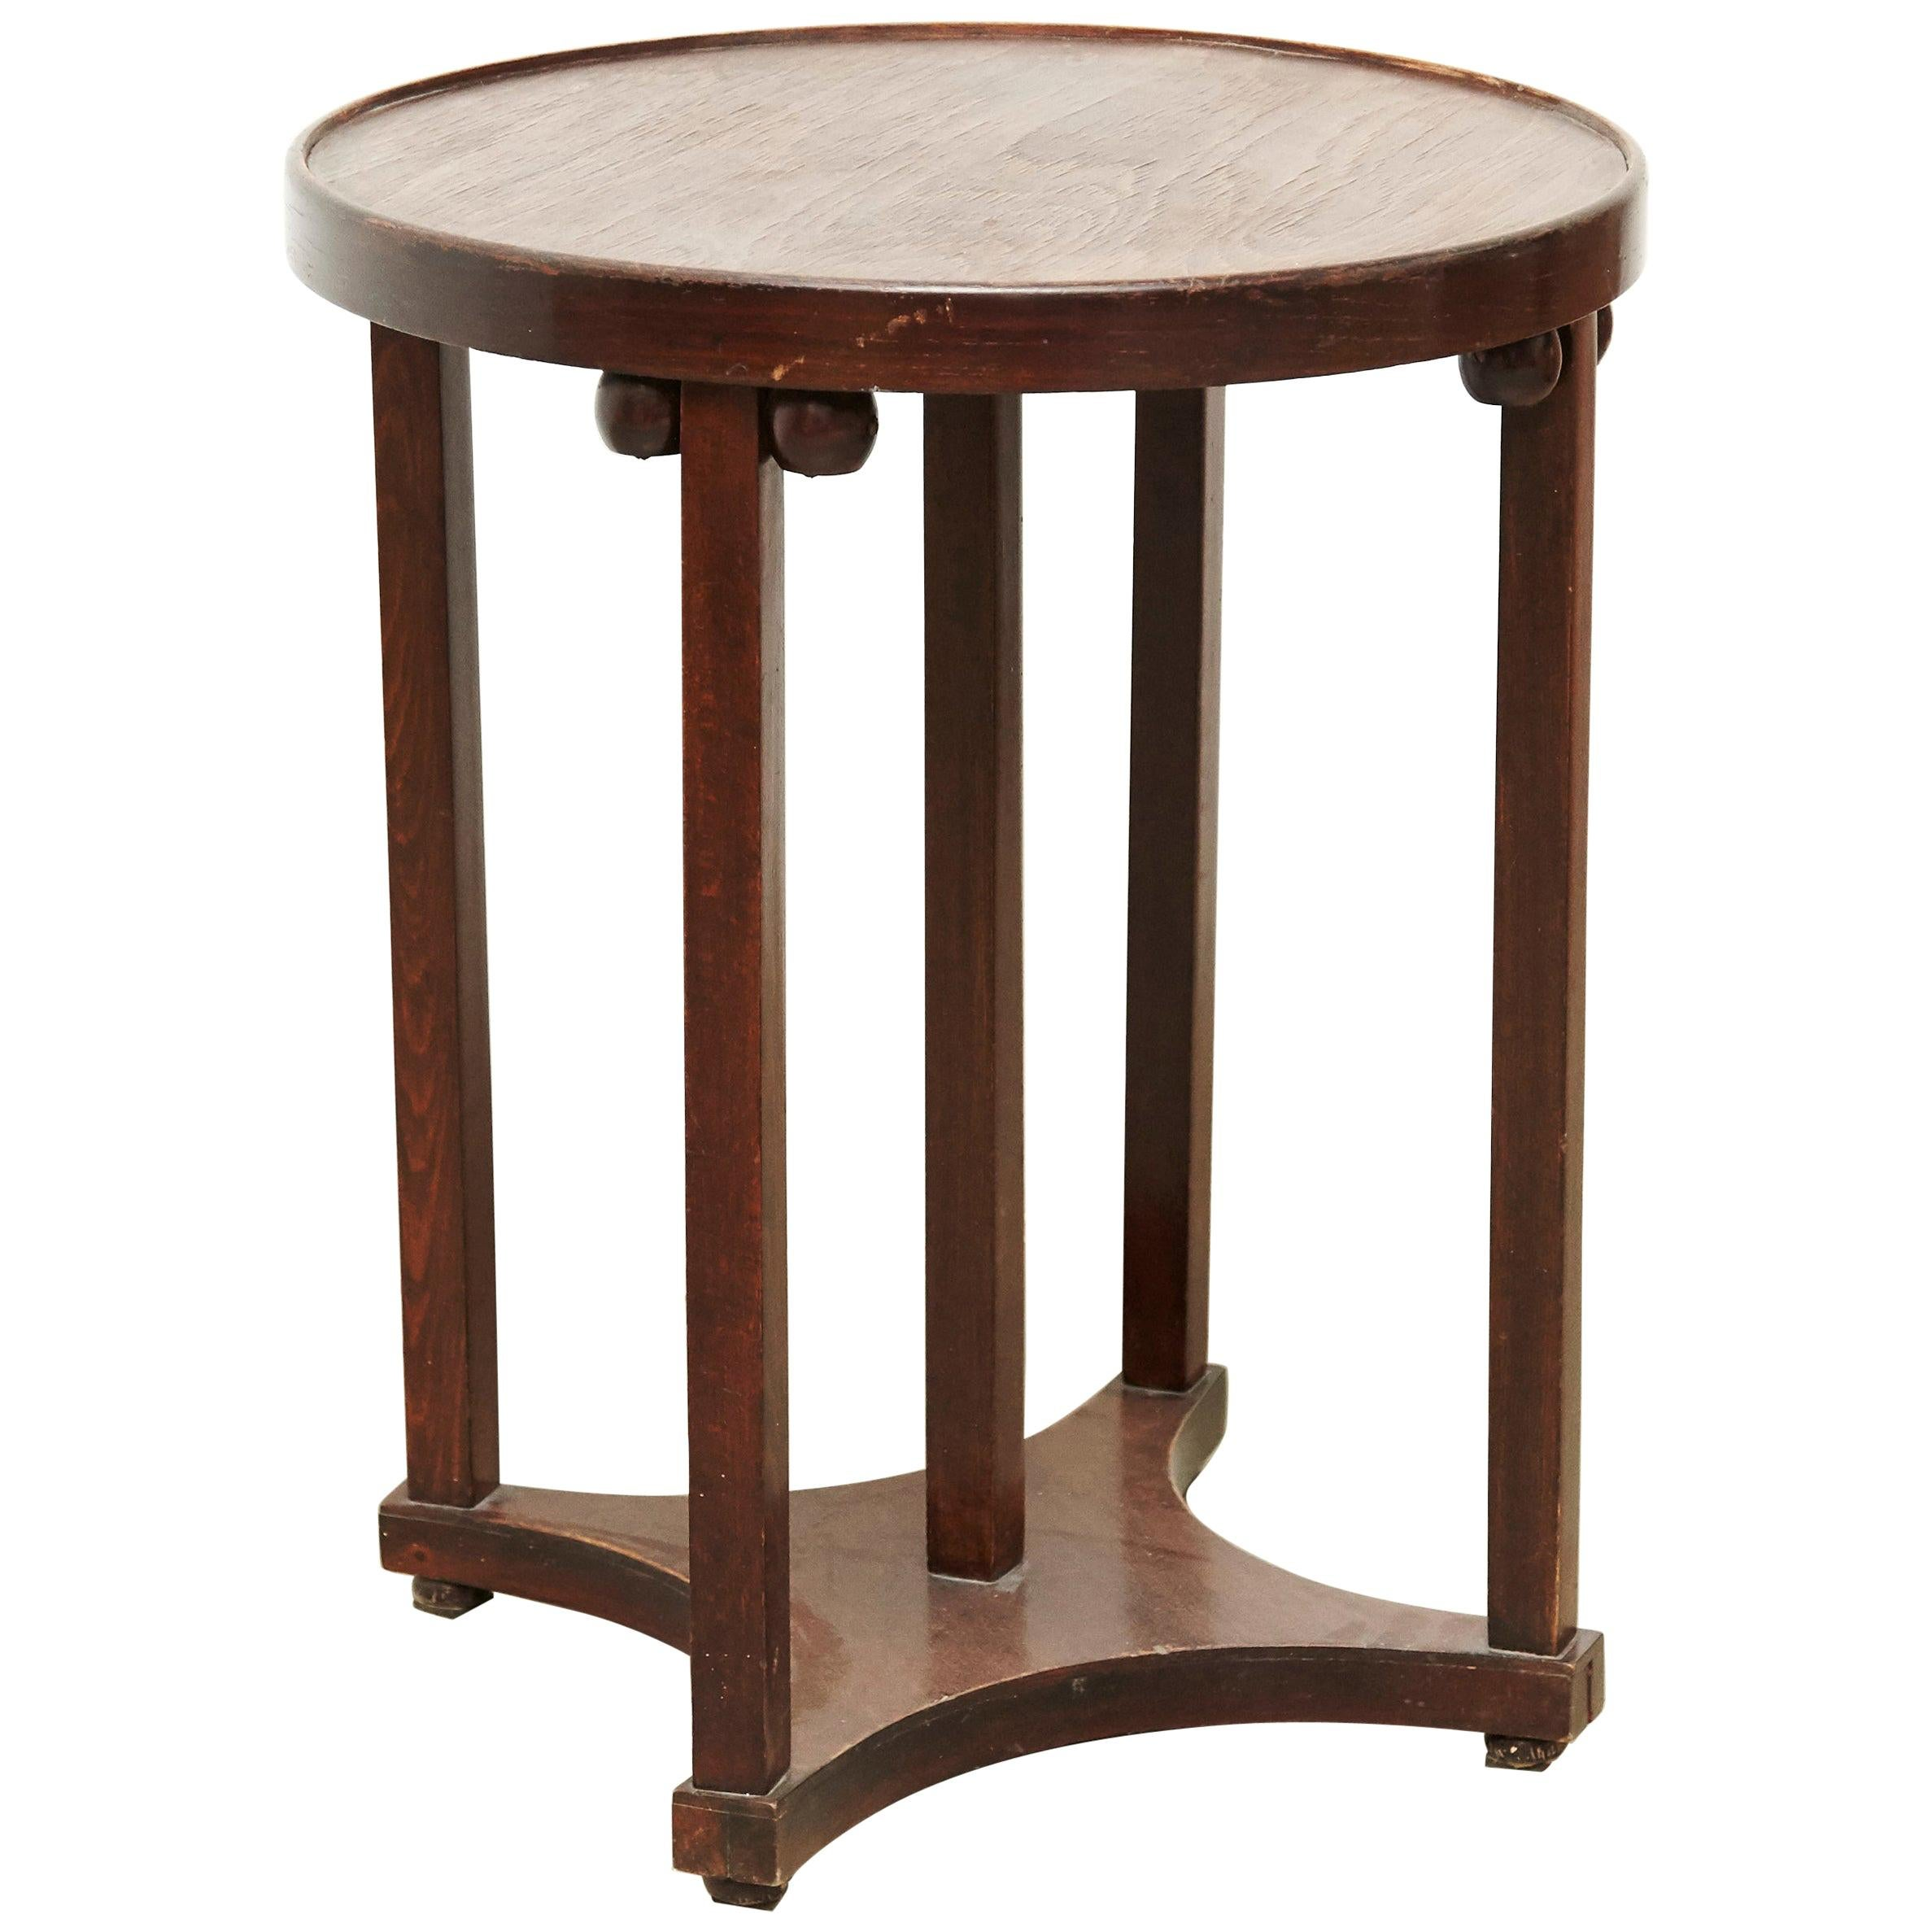 Josef Hoffmann Wood Table for Kohn, circa 1920